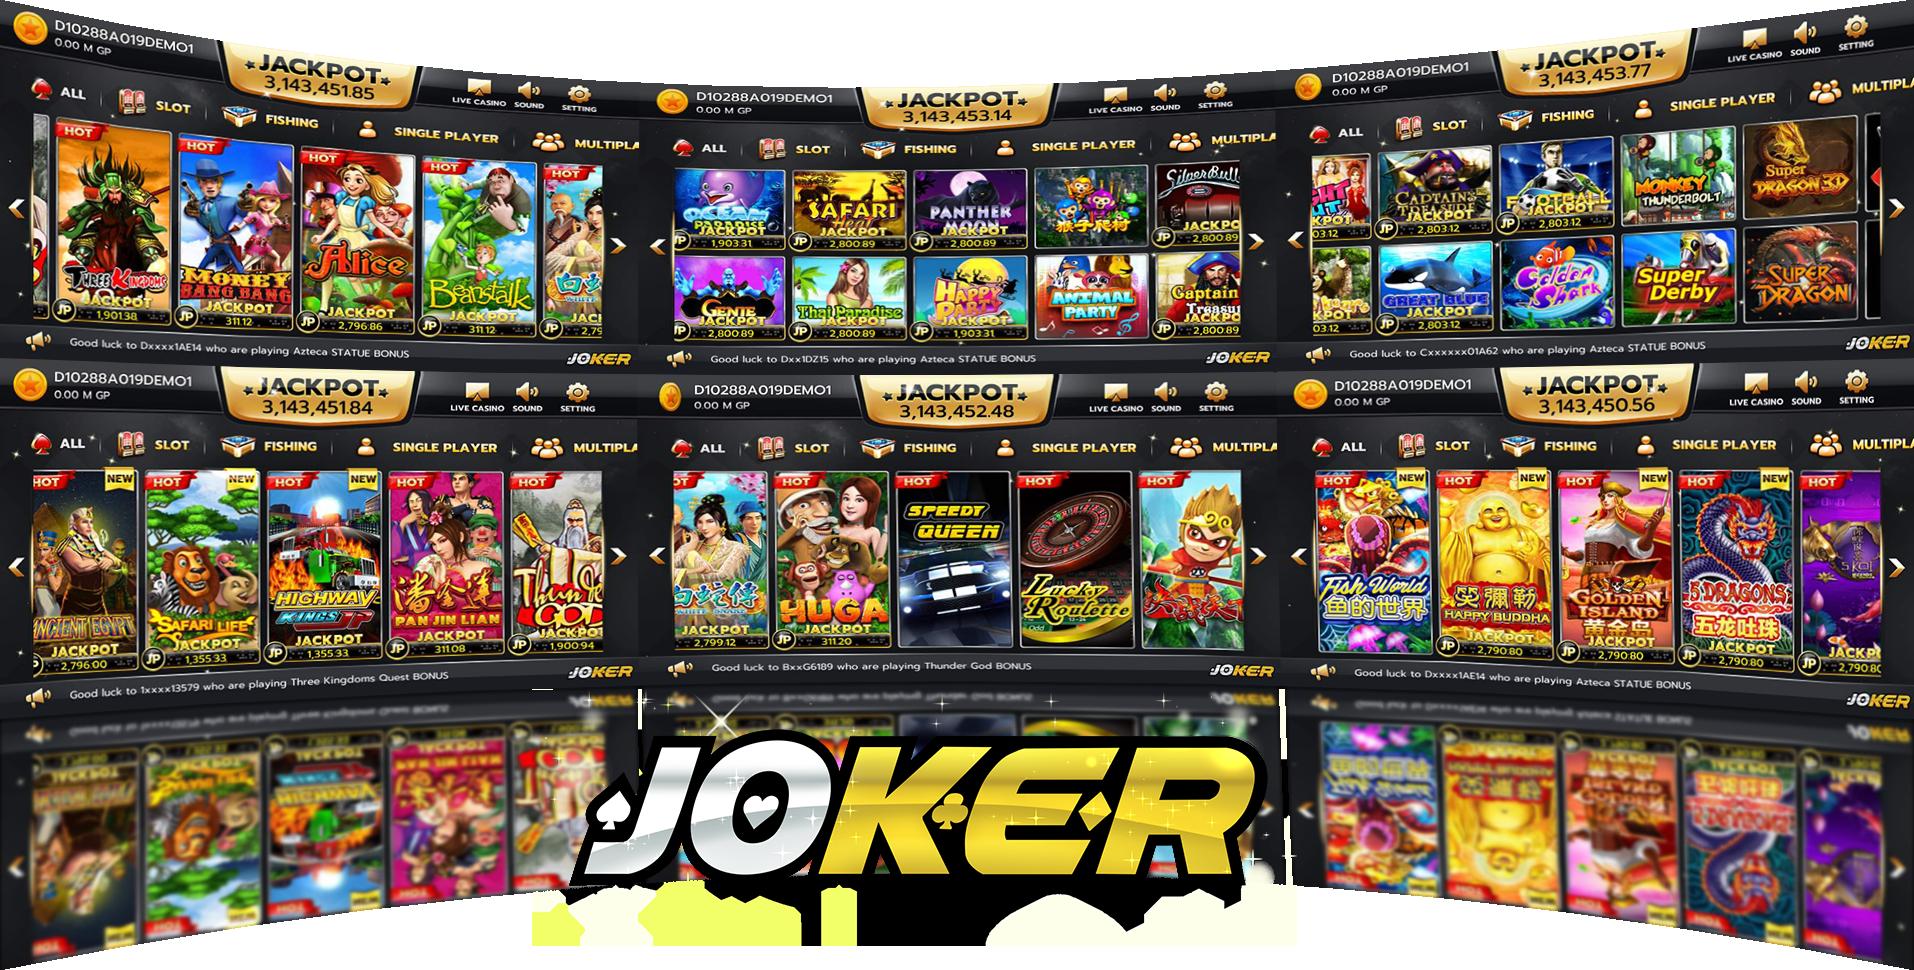 JOKER123 - Agen Joker123 Slot Joker123 | Slot Online - Profile | ASTCT